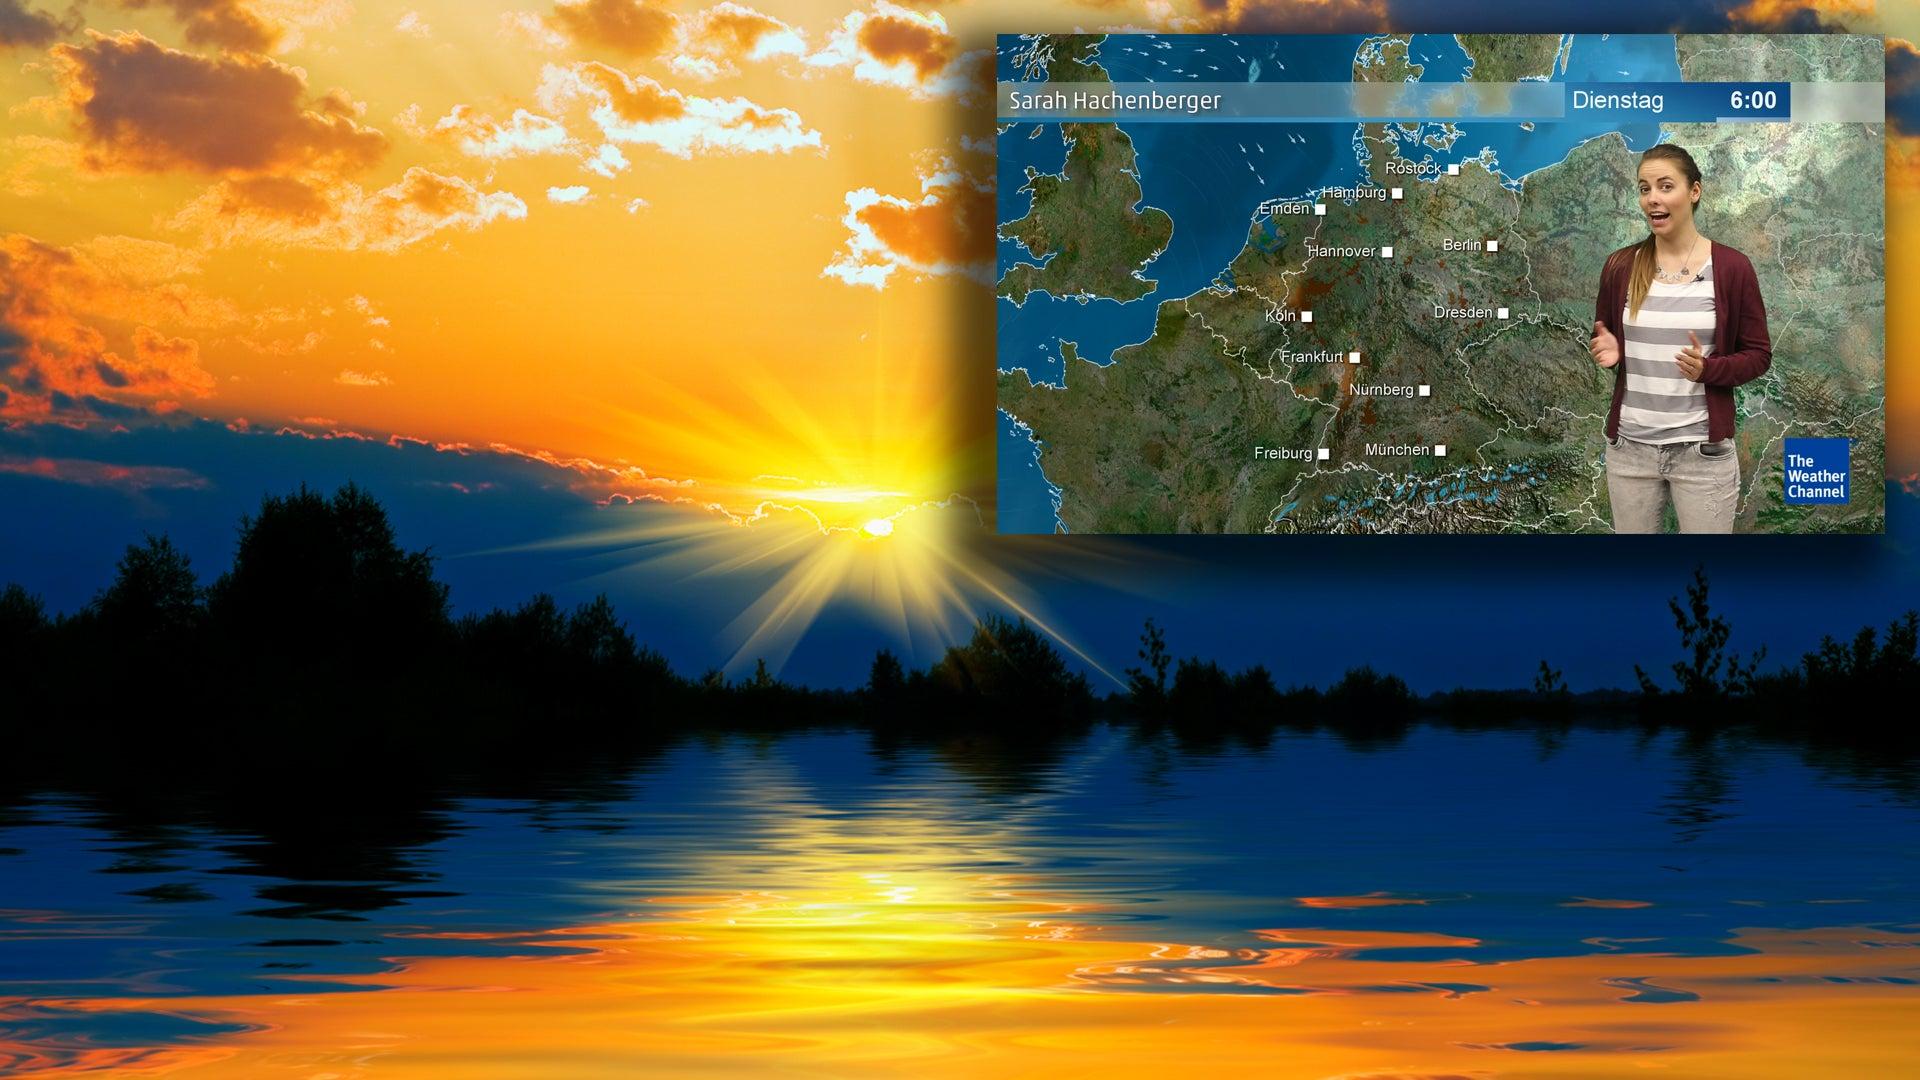 Wetter am Dienstag: Wo die besten Chancen auf Sonnenschein bestehen